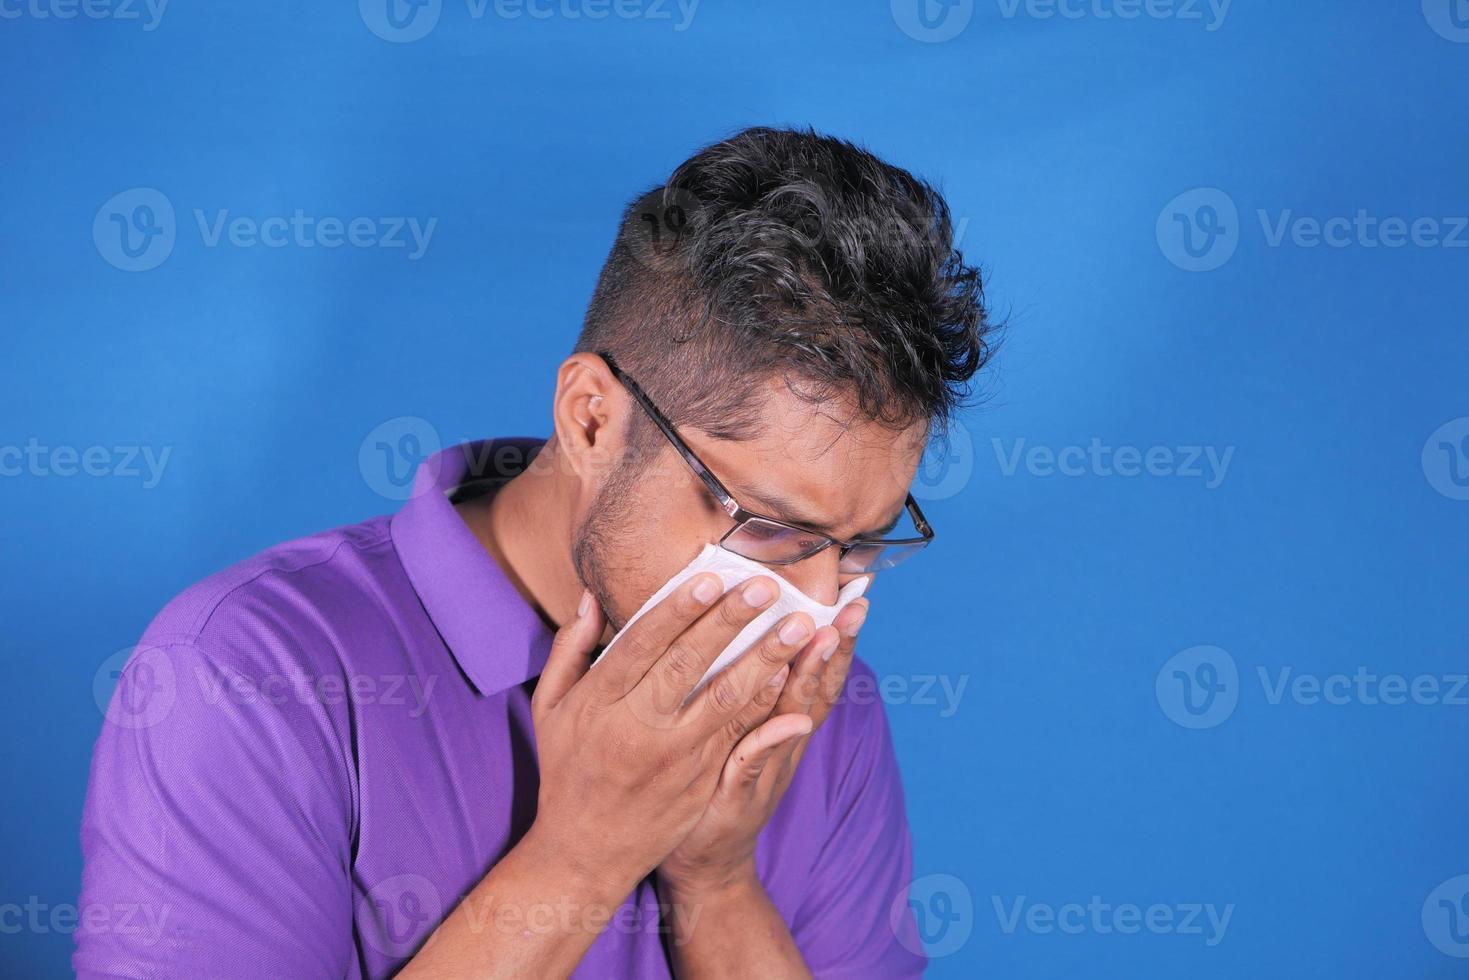 homme en chemise violette éternuements sur fond bleu photo